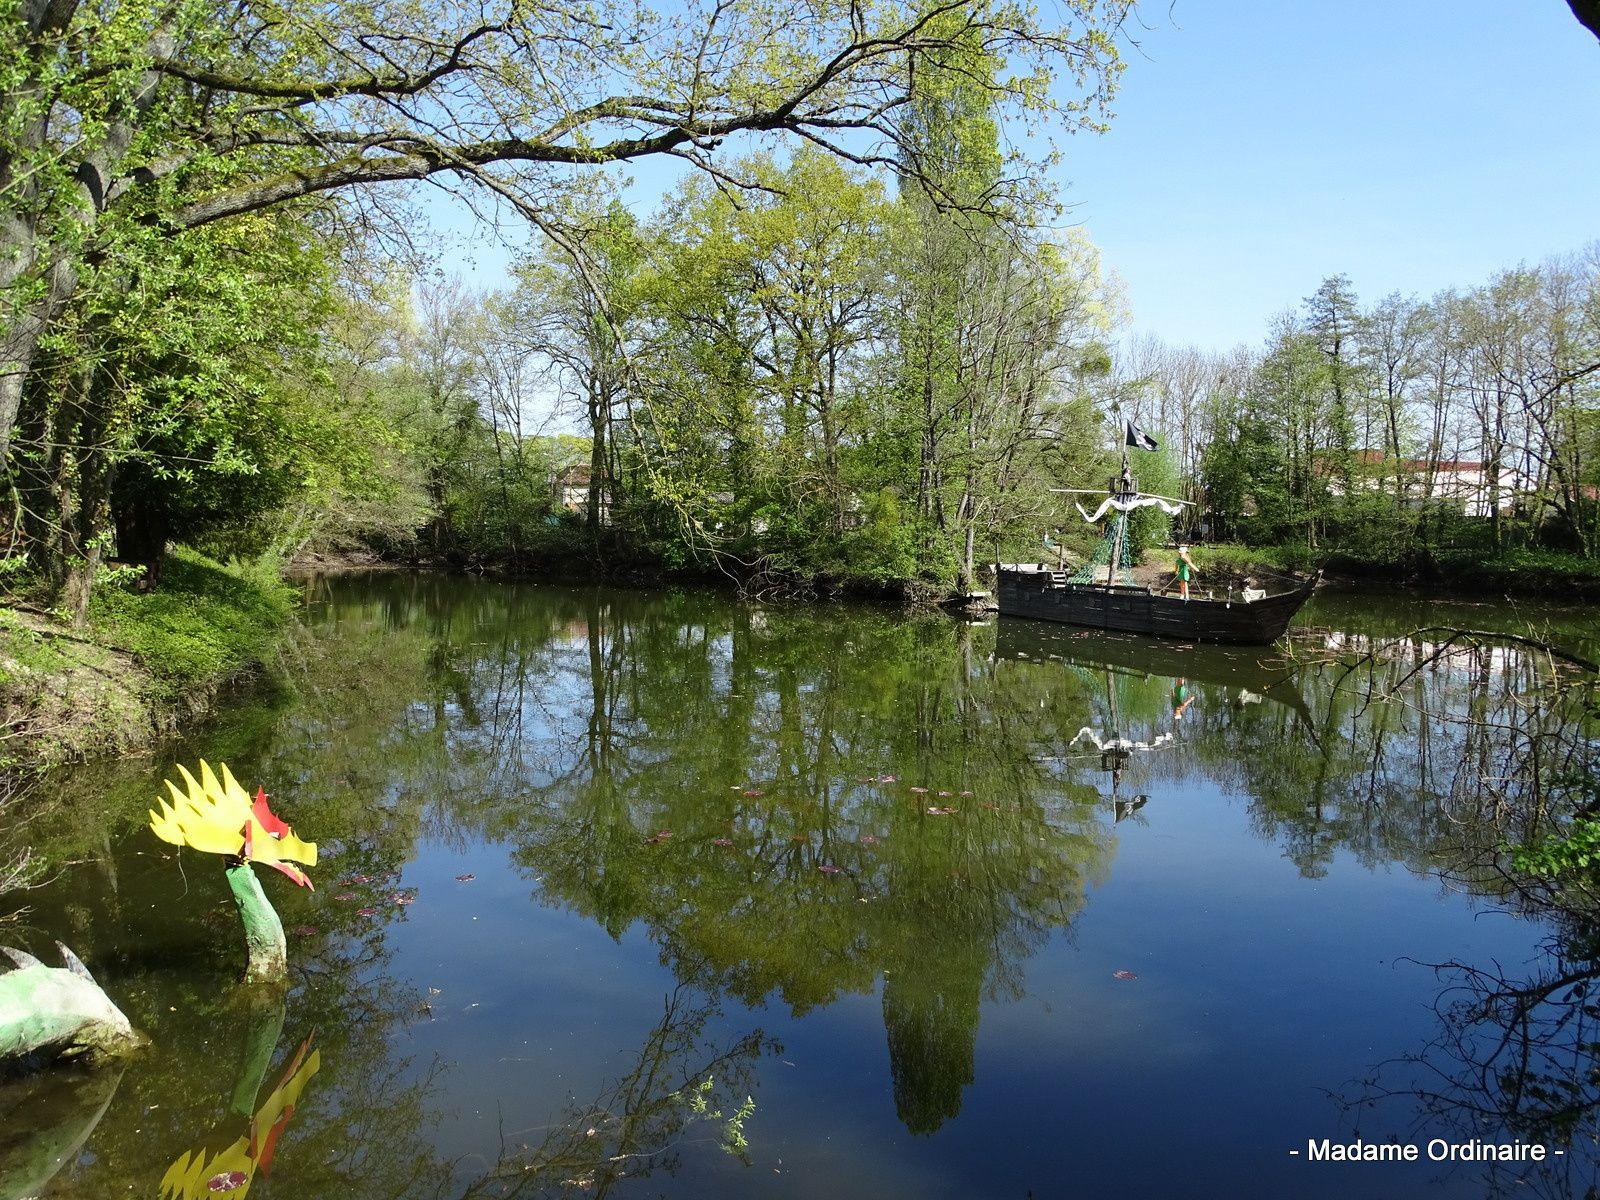 Flânerie au Parc de Fouchy